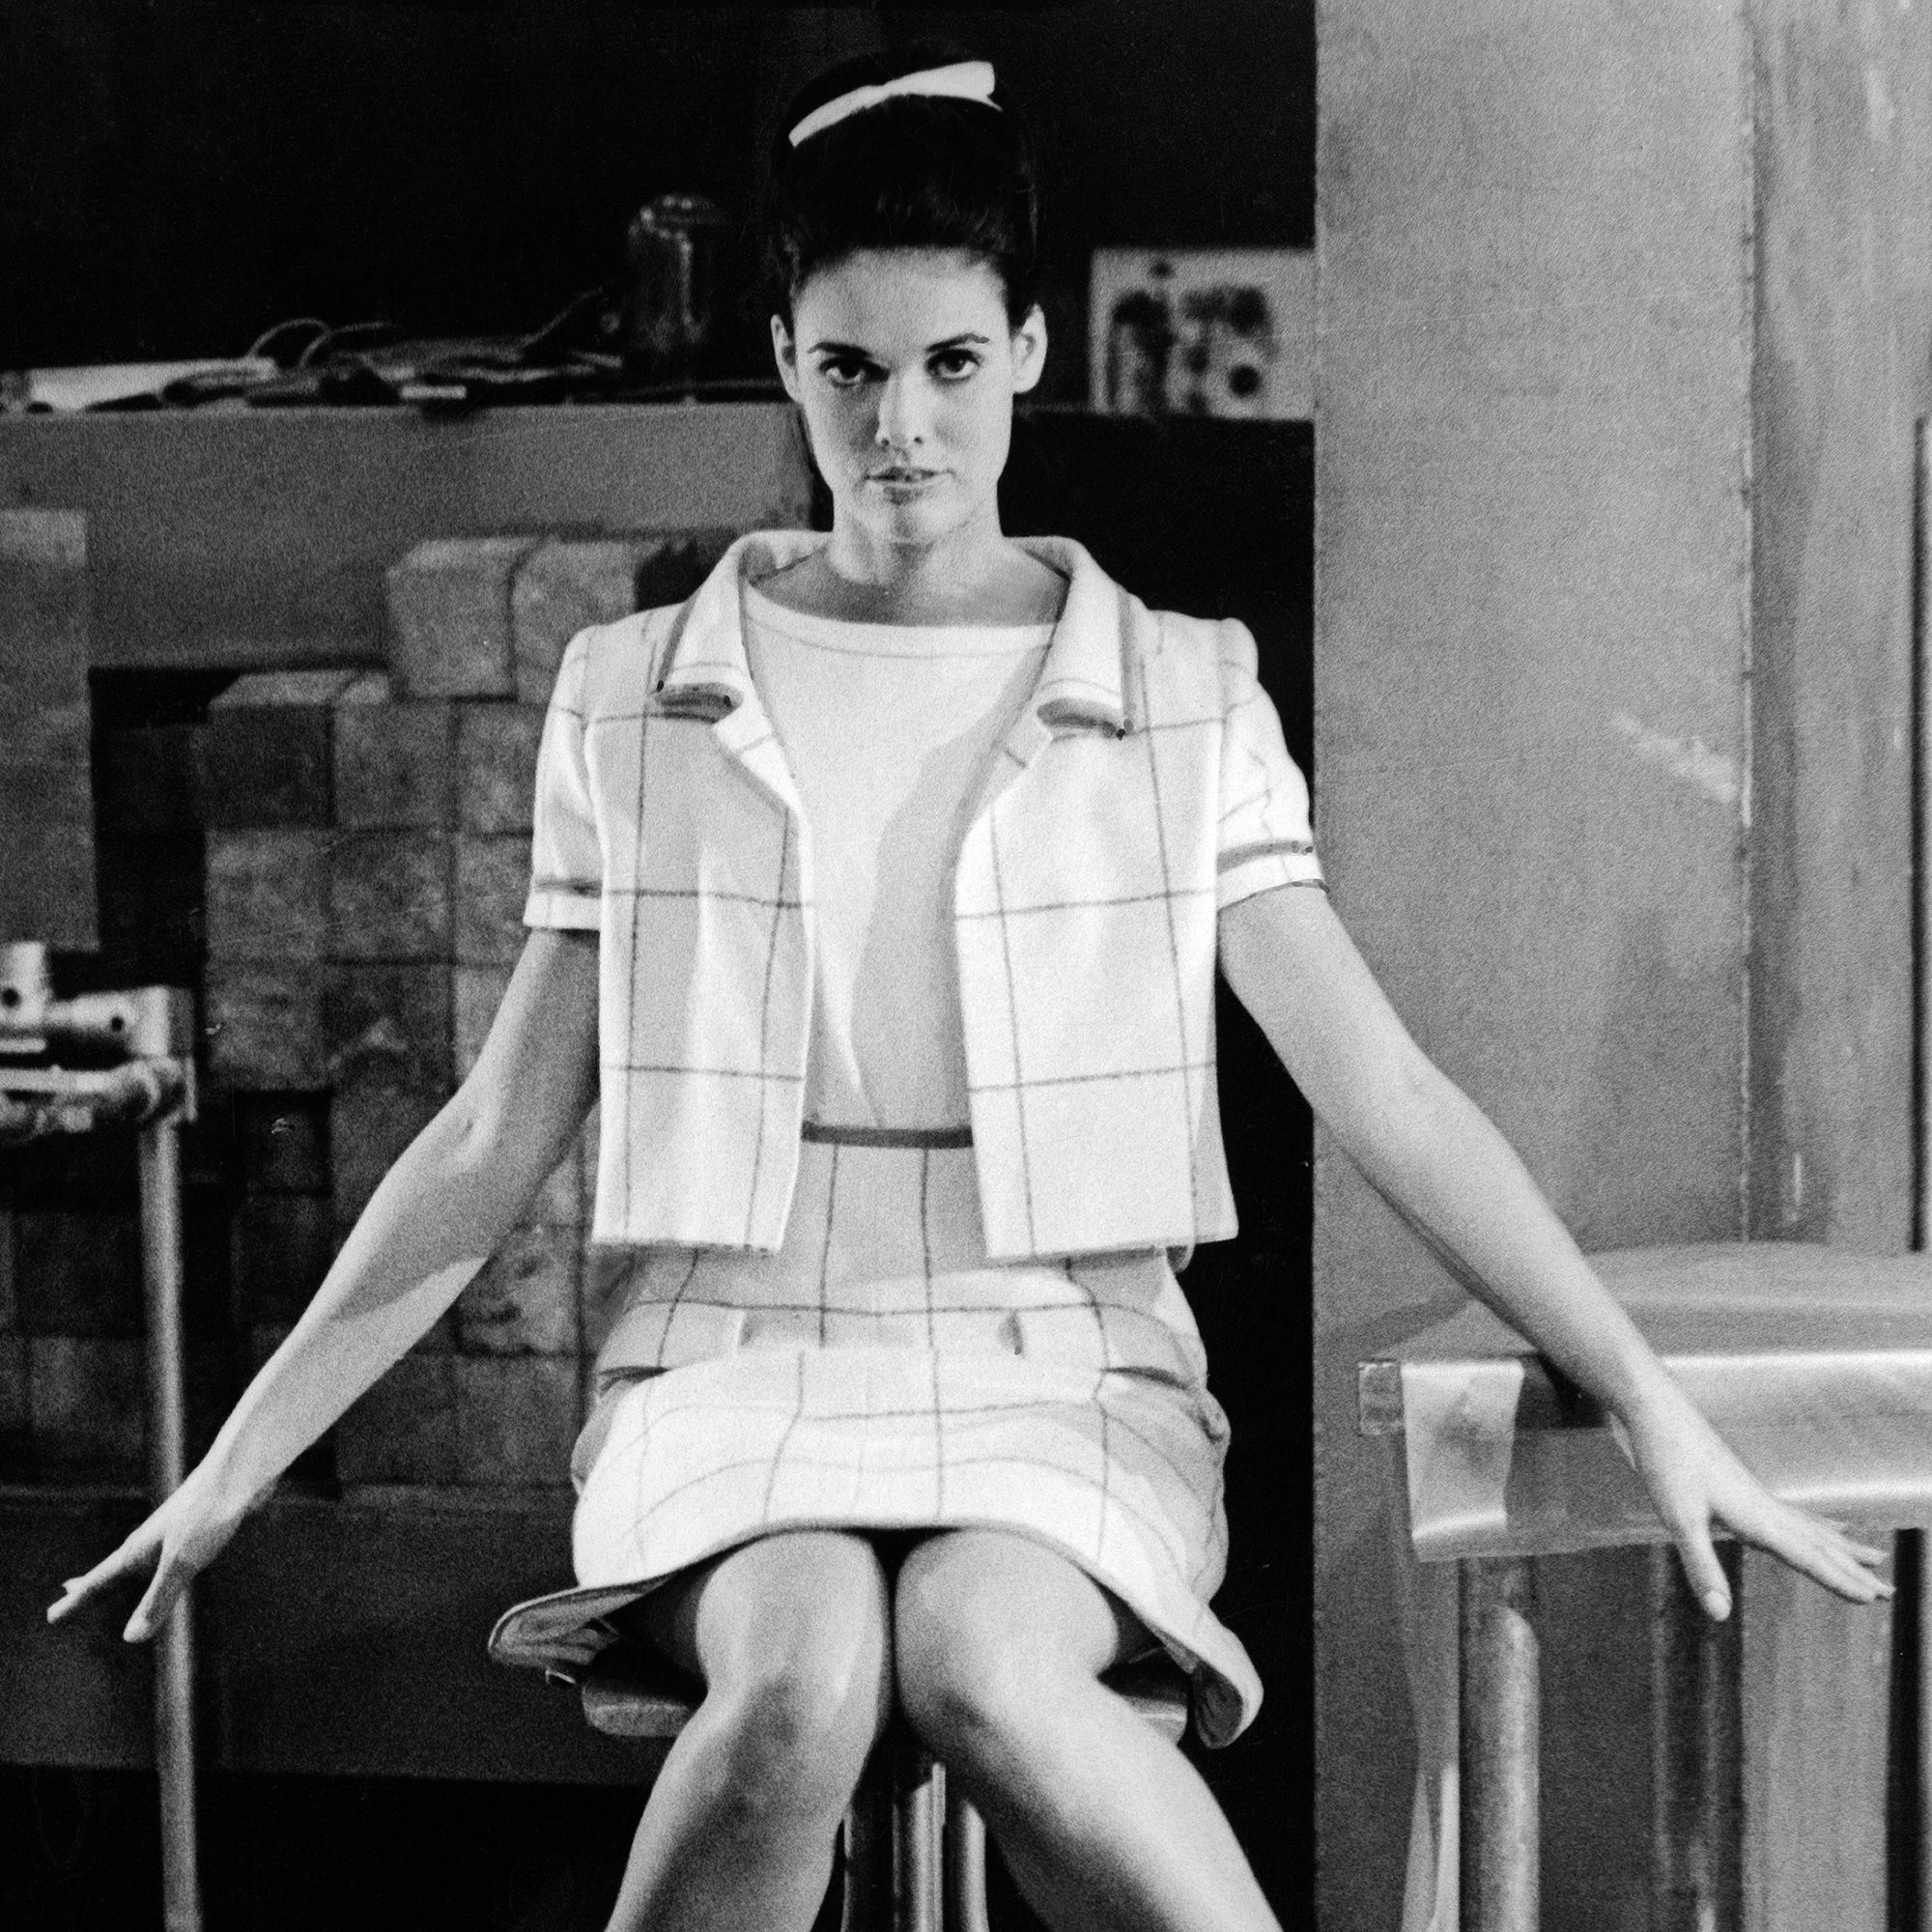 (GERMANY OUT) Courreges präsentiert 'Mode der Atomzeit'November 1965 (Photo by ullstein bild/ullstein bild via Getty Images)